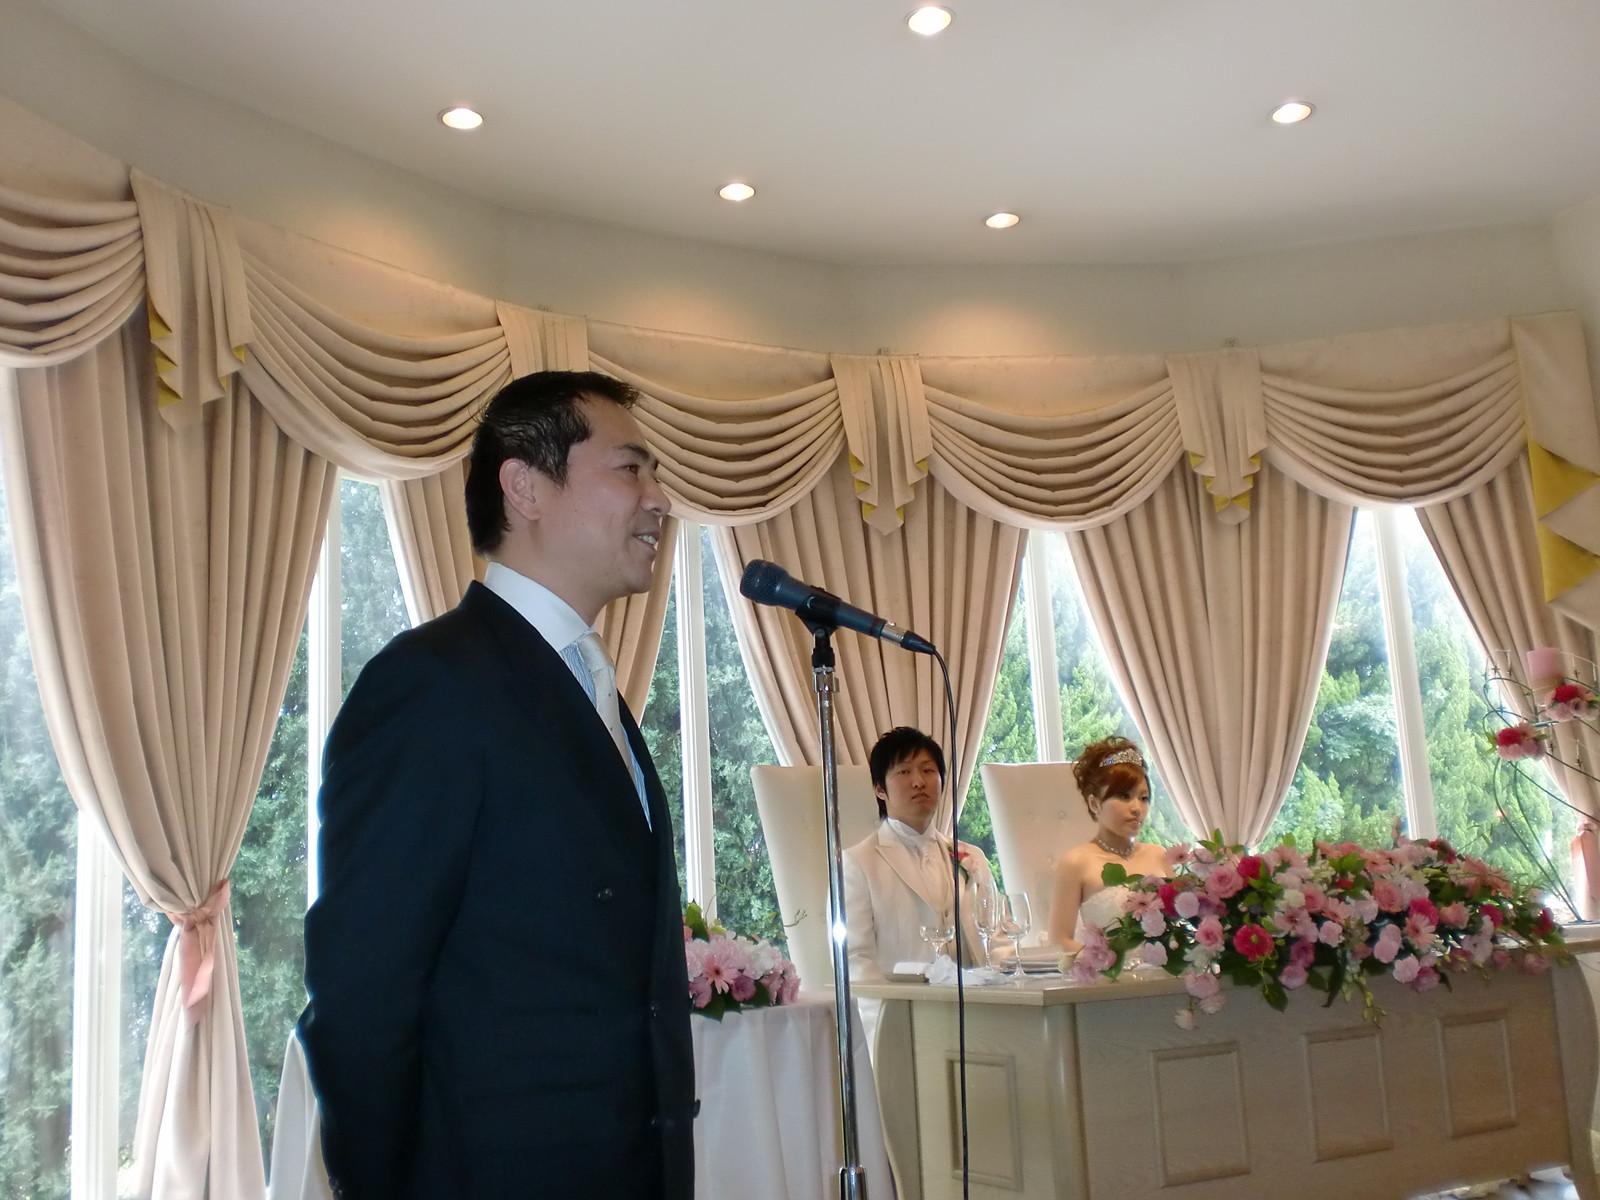 昨日は井上恭平さんの結婚式に参加しました。